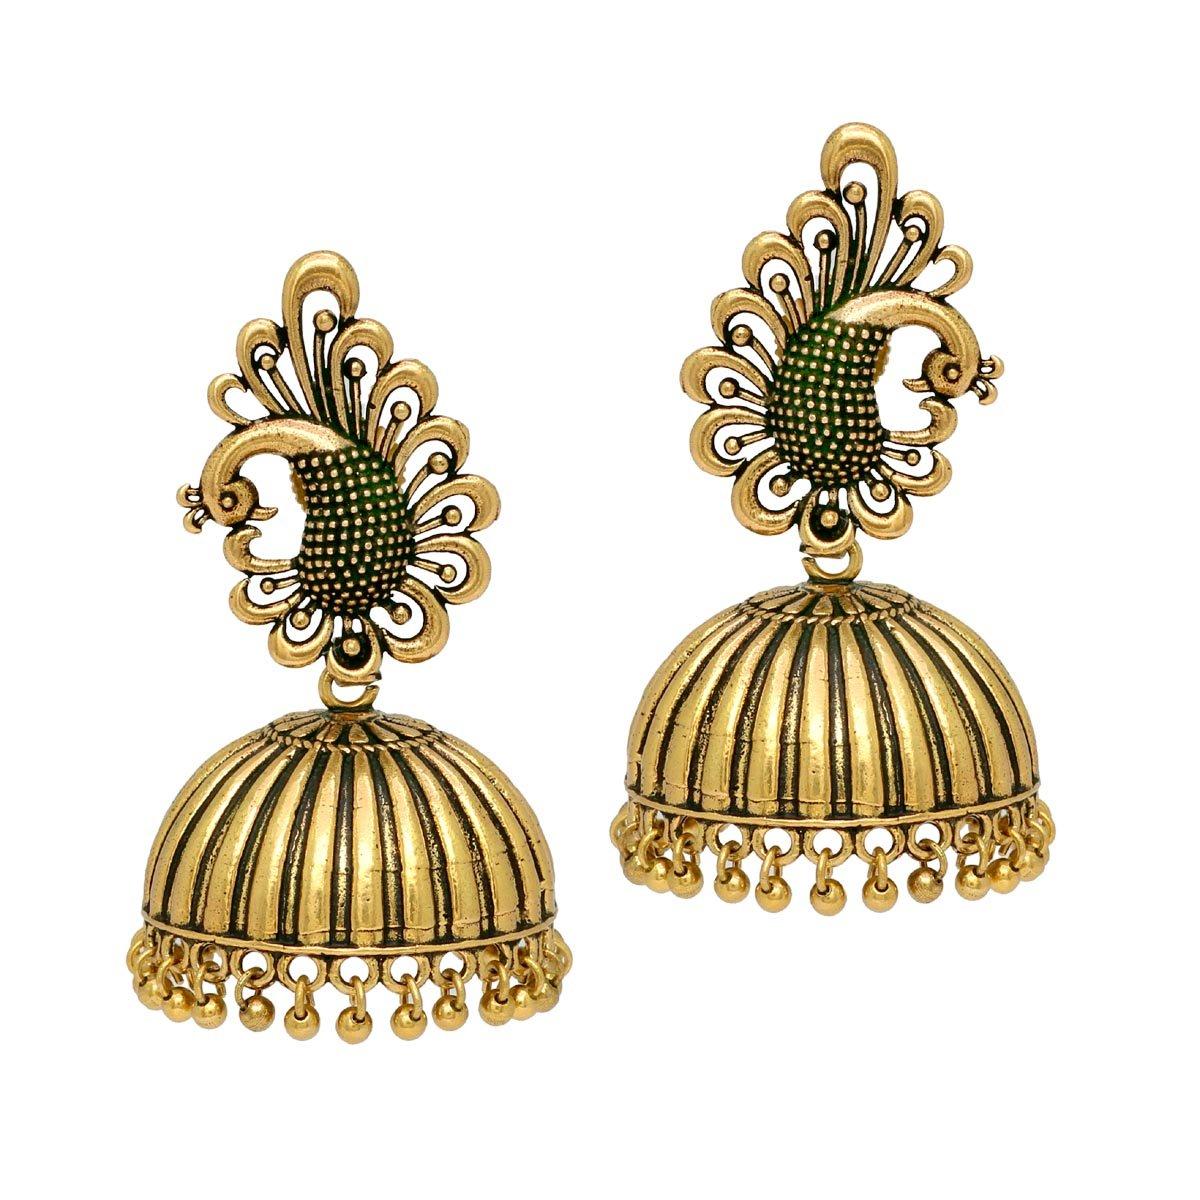 Jaipur Mart Oxidised Plated Jhumka Indian Unique Ethenic bollywood Earrings Jewellery